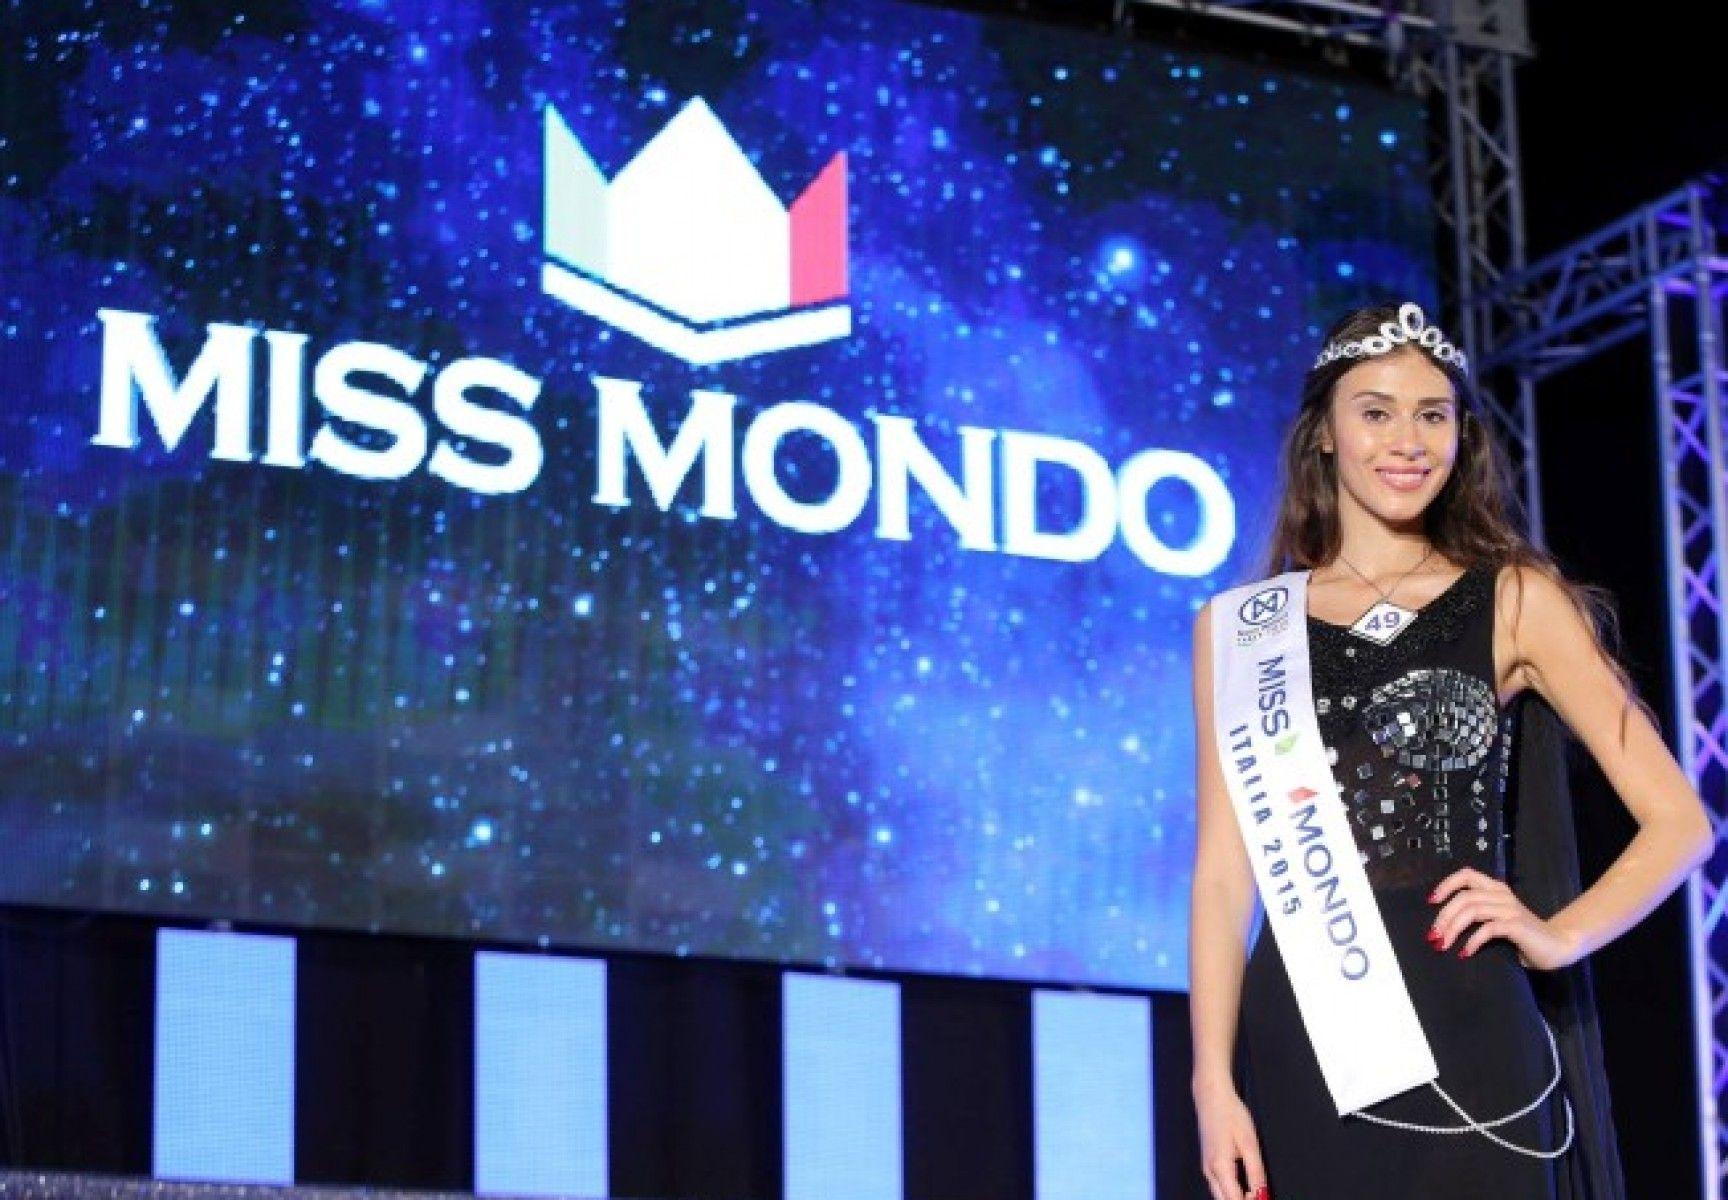 Greta Galassi, 17 anni, è Miss Mondo Italia 2015 e volerà in Cina